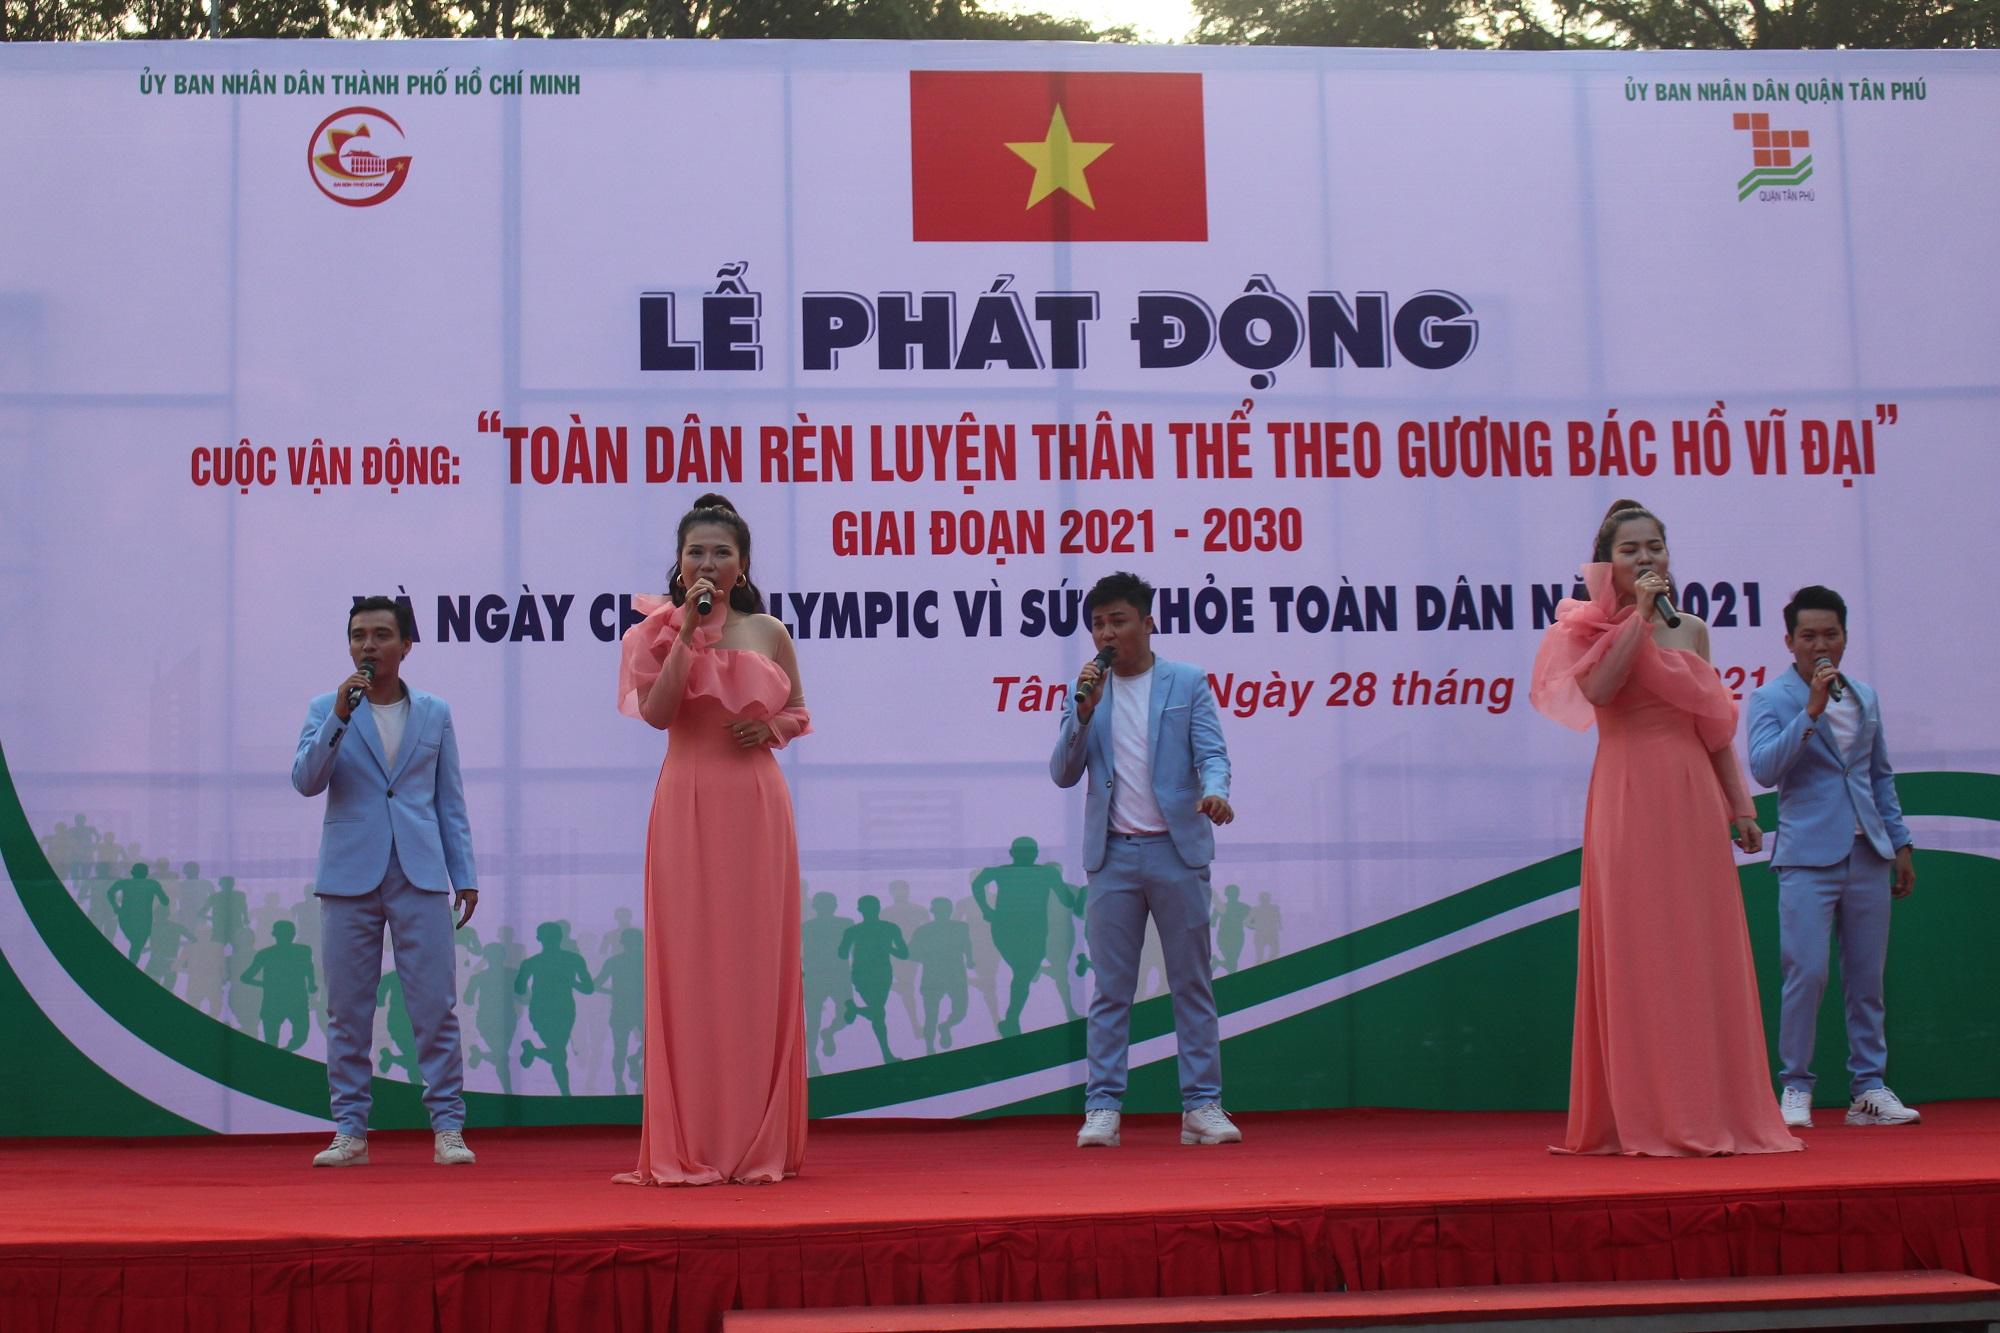 Hình ảnh: Quận Tân Phú: Hơn 1000 người tham dự ngày chạy Olympic vì sức khỏe toàn dân năm 2021 số 1